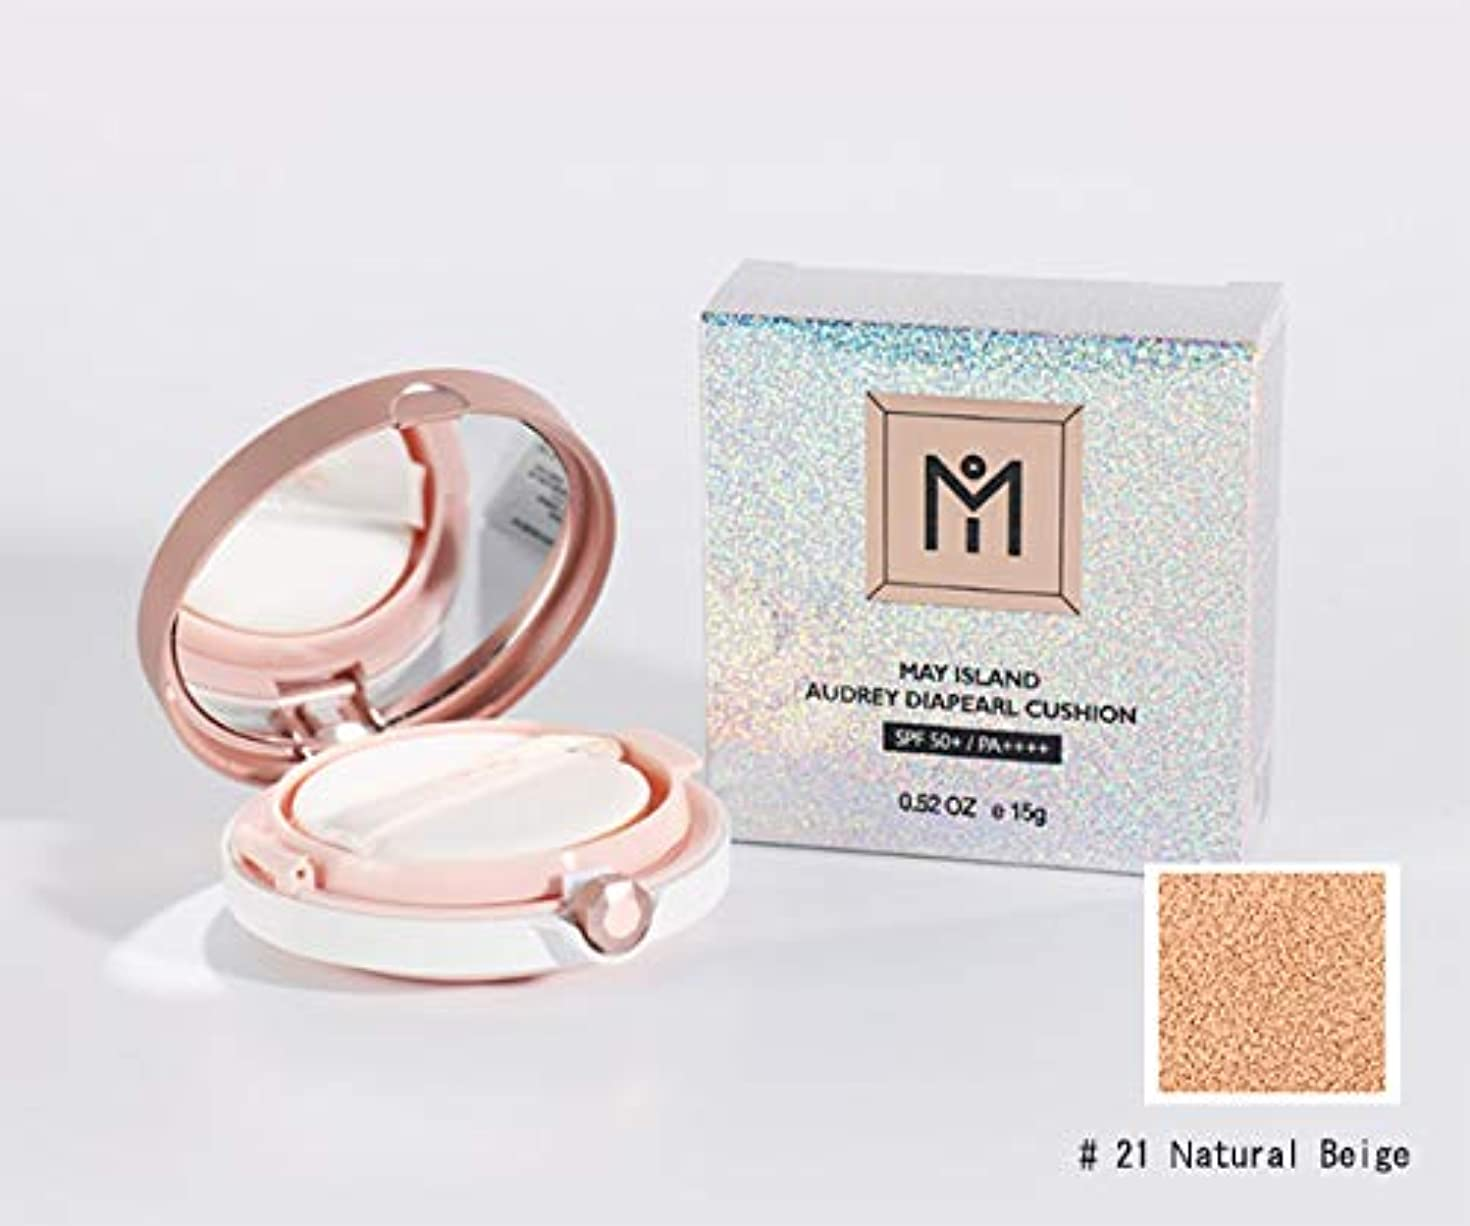 リマ意気揚々引退した[MAY ISLAND] AUDREY DIAPEARL CUSHION[#21.Natural Beige] ダイヤモンドパールクッション SPF50+/ PA++++[美白、シワの改善、紫外線遮断3の機能性化粧品]韓国...